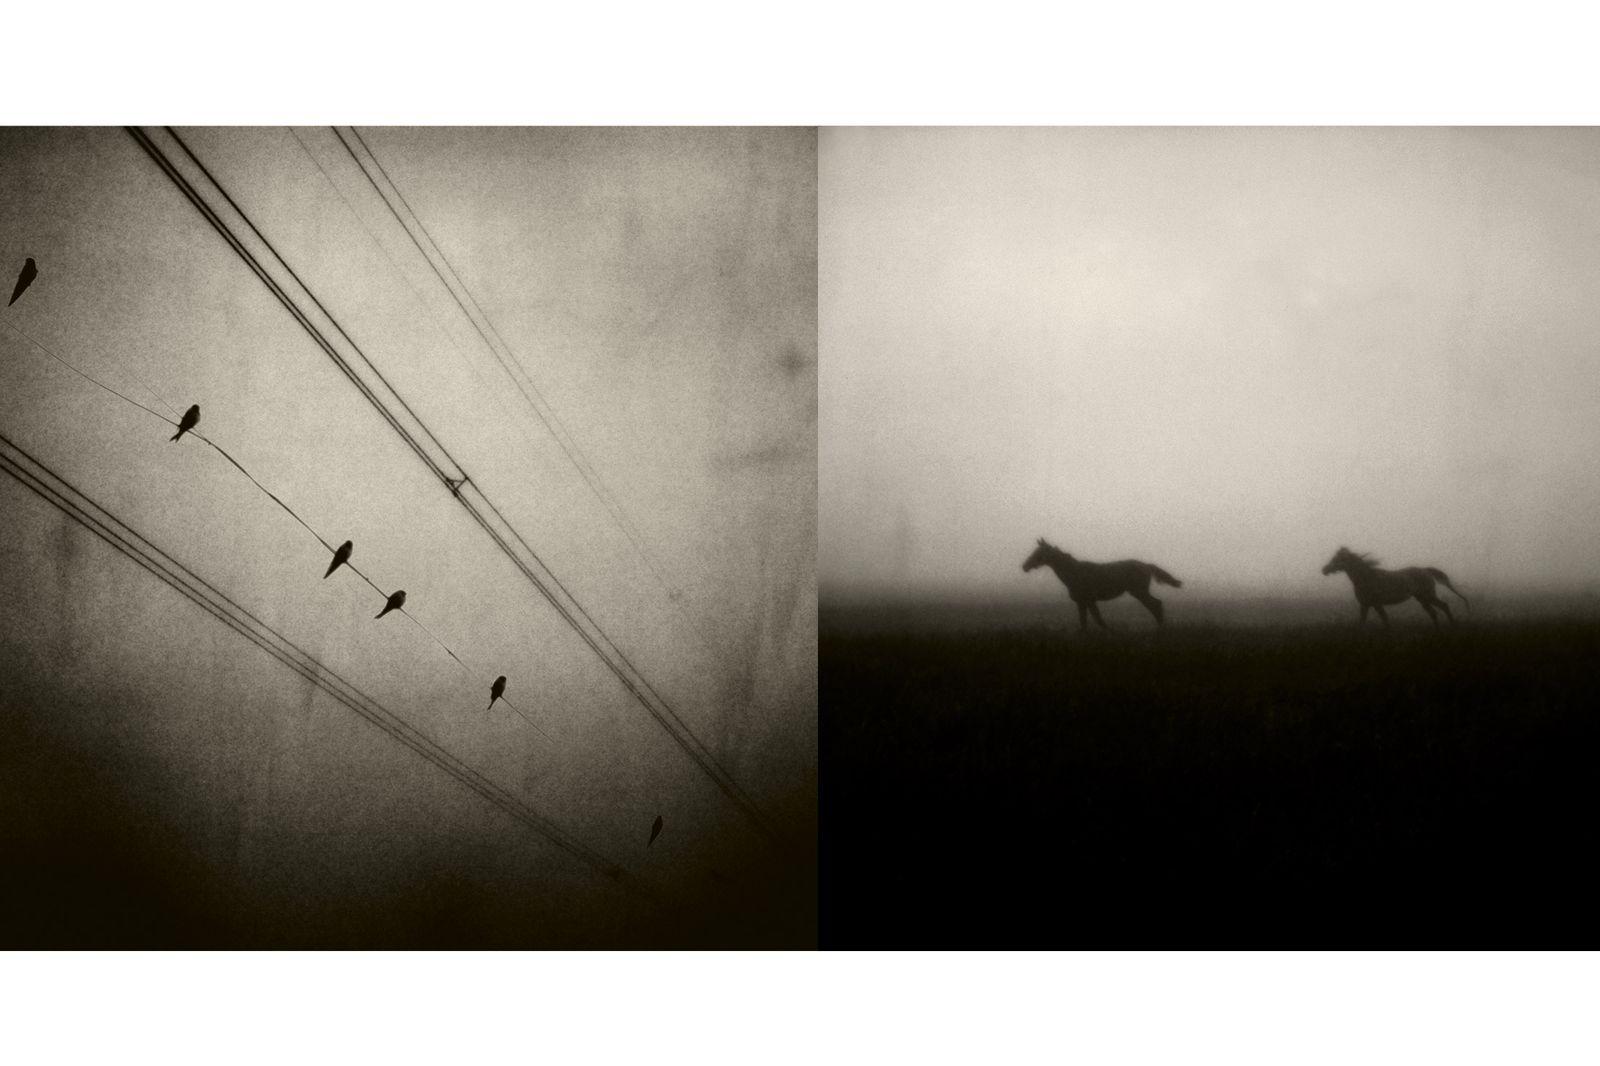 Fotografie zwaluwen-en-paarden_robertpeekfotografie